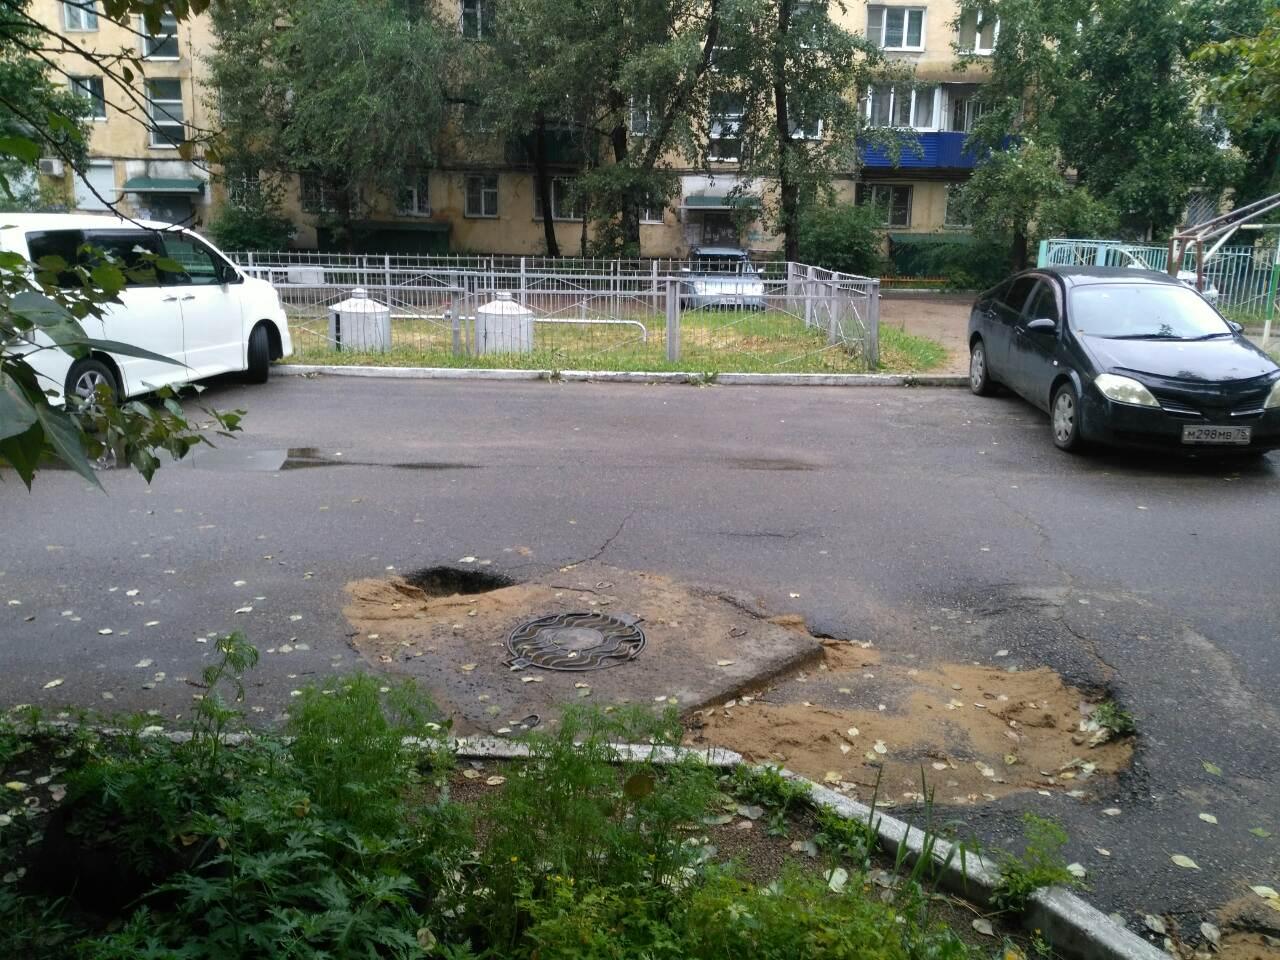 """Прогнозы """"Вечорки"""" сбываются - отремонтированная Водоканалом с помощью песка  яма напротив редакции стала глубже после дождей.  Чита, Кастринская, 3"""